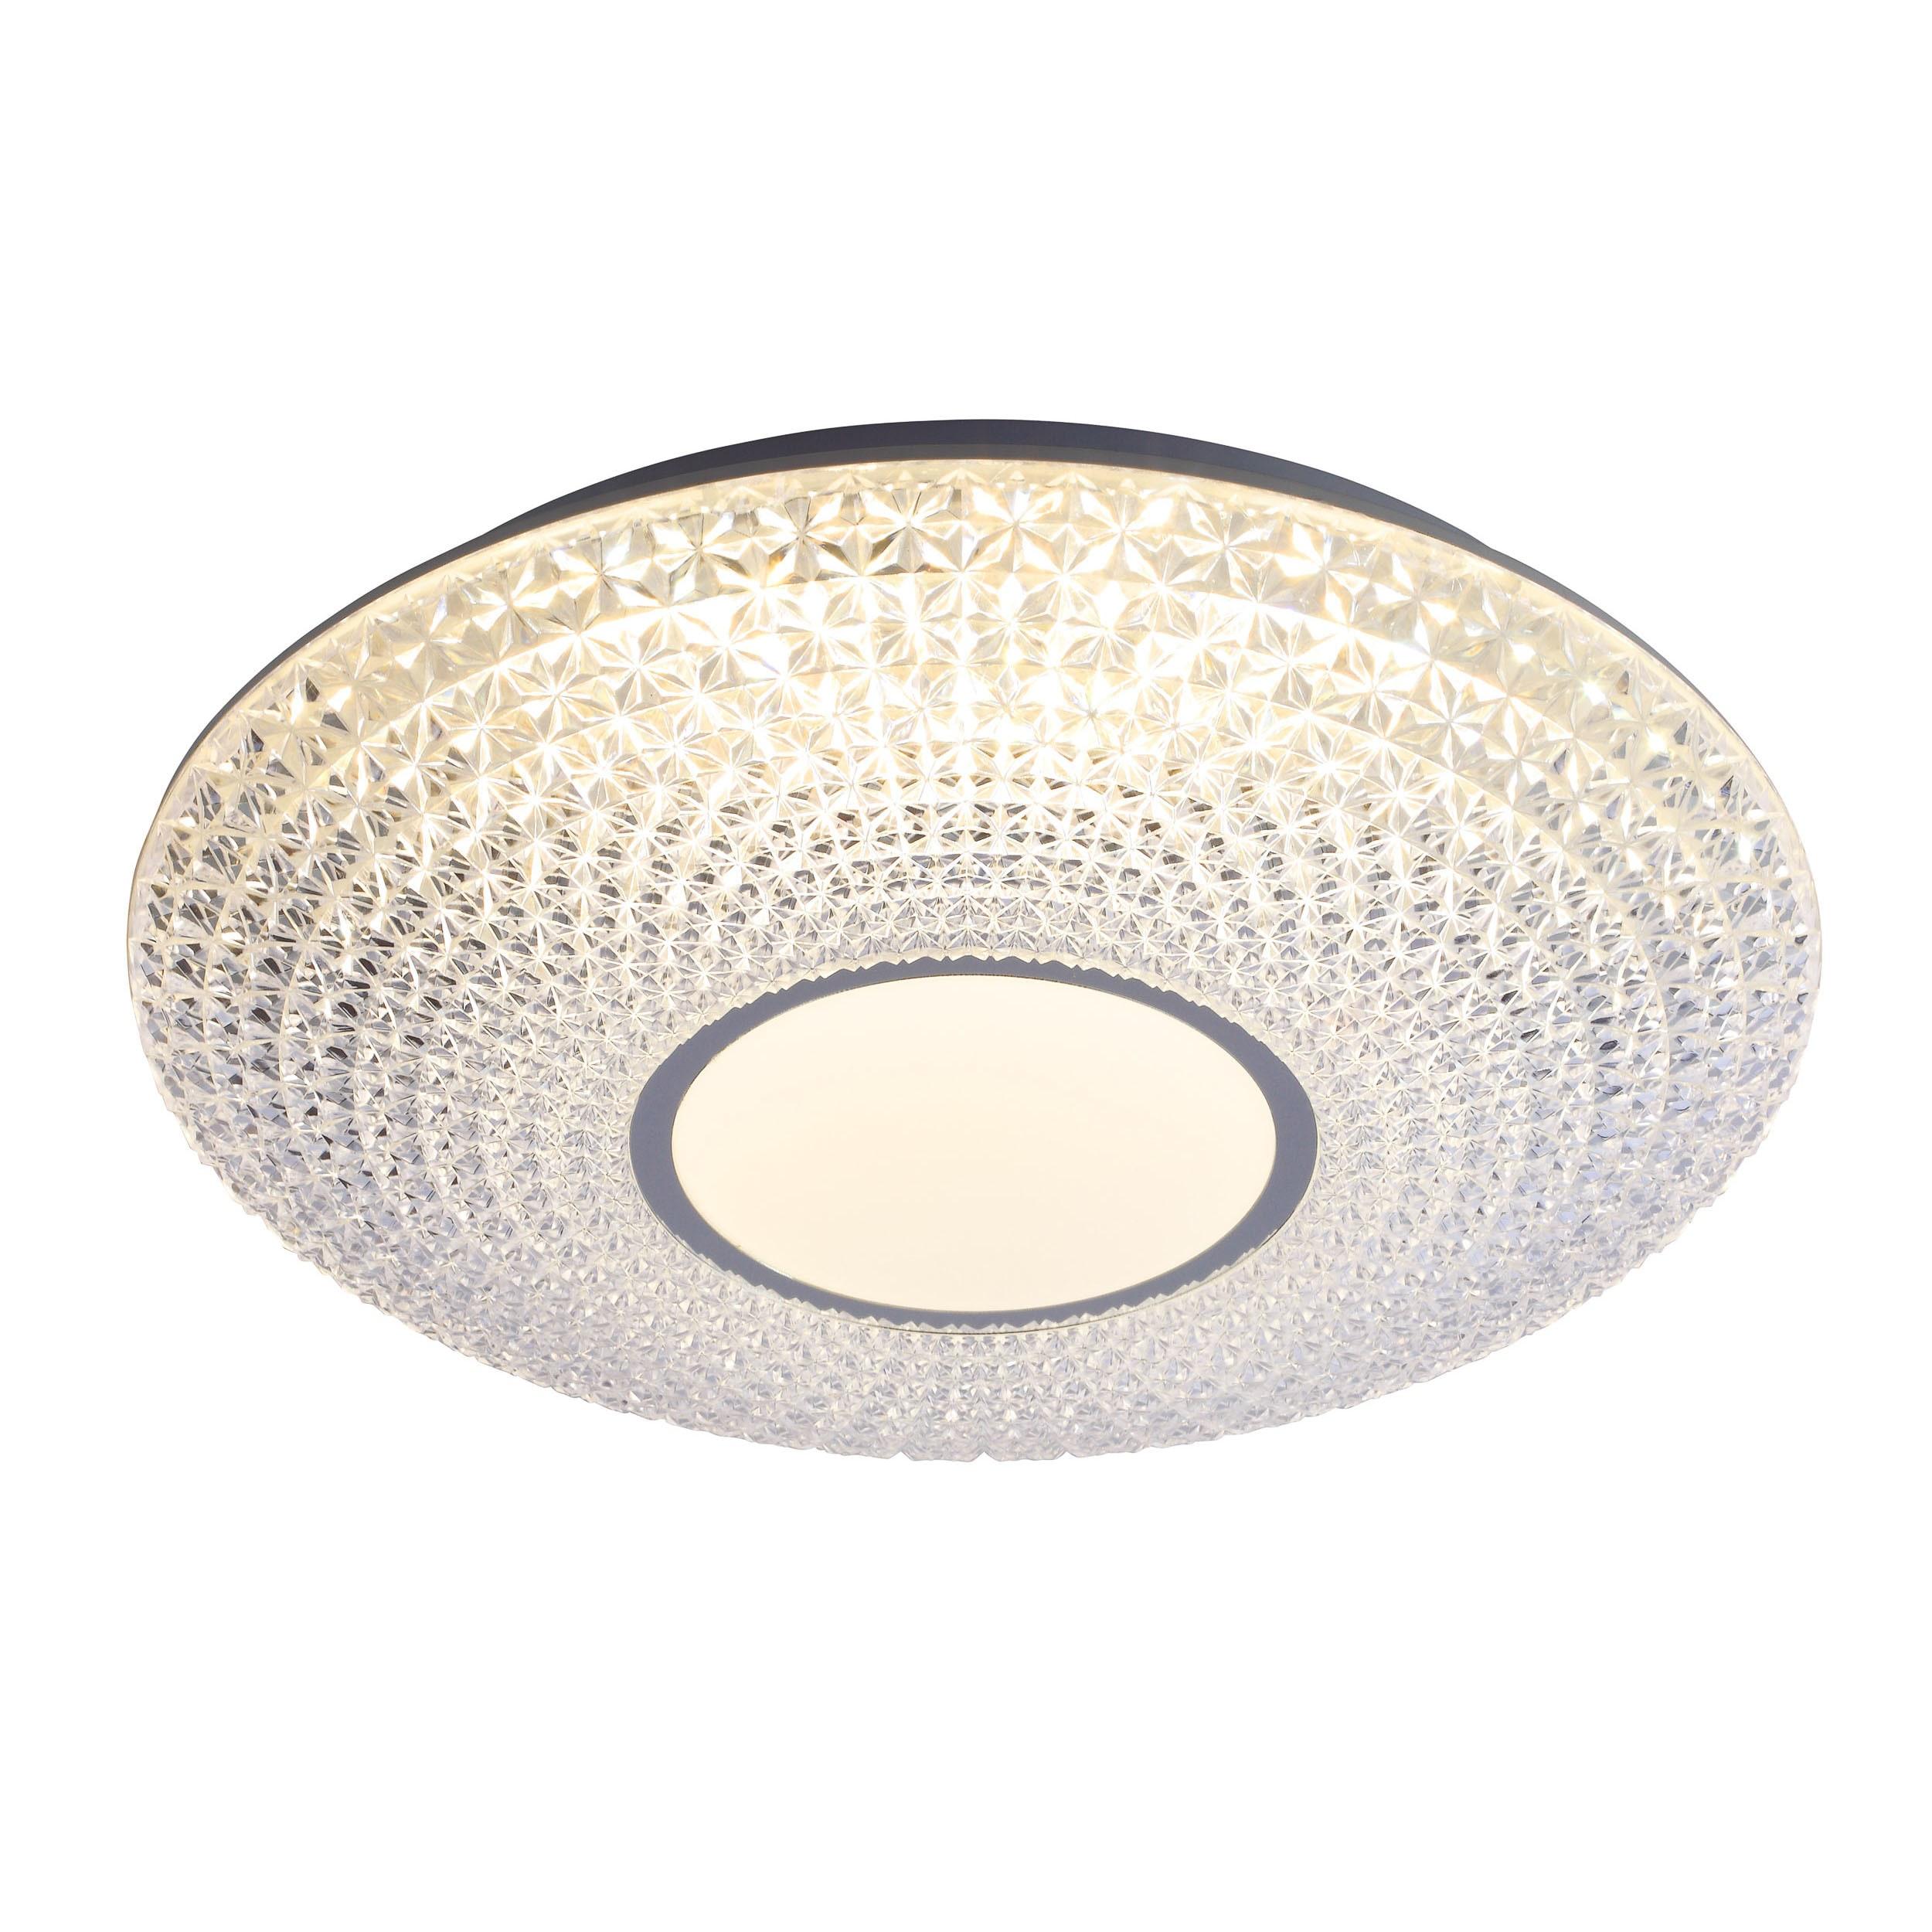 Brilliant Leuchten Nunya LED Deckenleuchte 42cm weiß/chrom